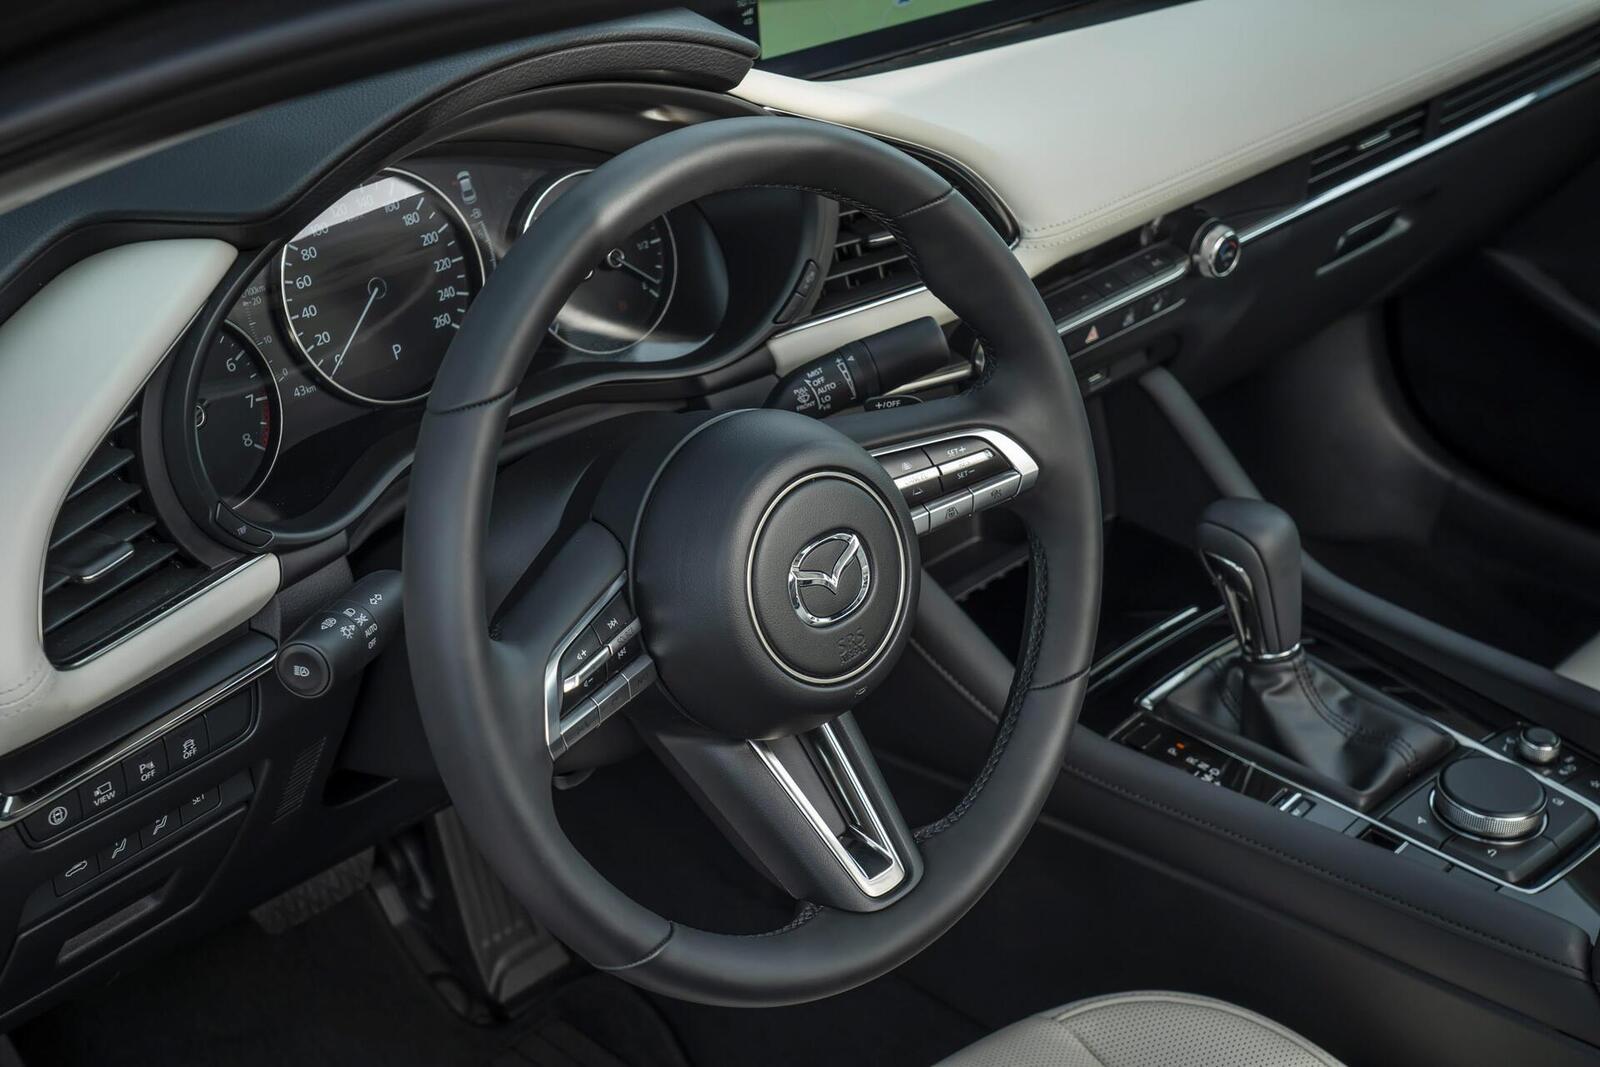 Mazda3 thế hệ mới chốt lịch ra mắt tại Malaysia vào tháng sau; giá dự kiến từ 764 triệu đồng - Hình 10